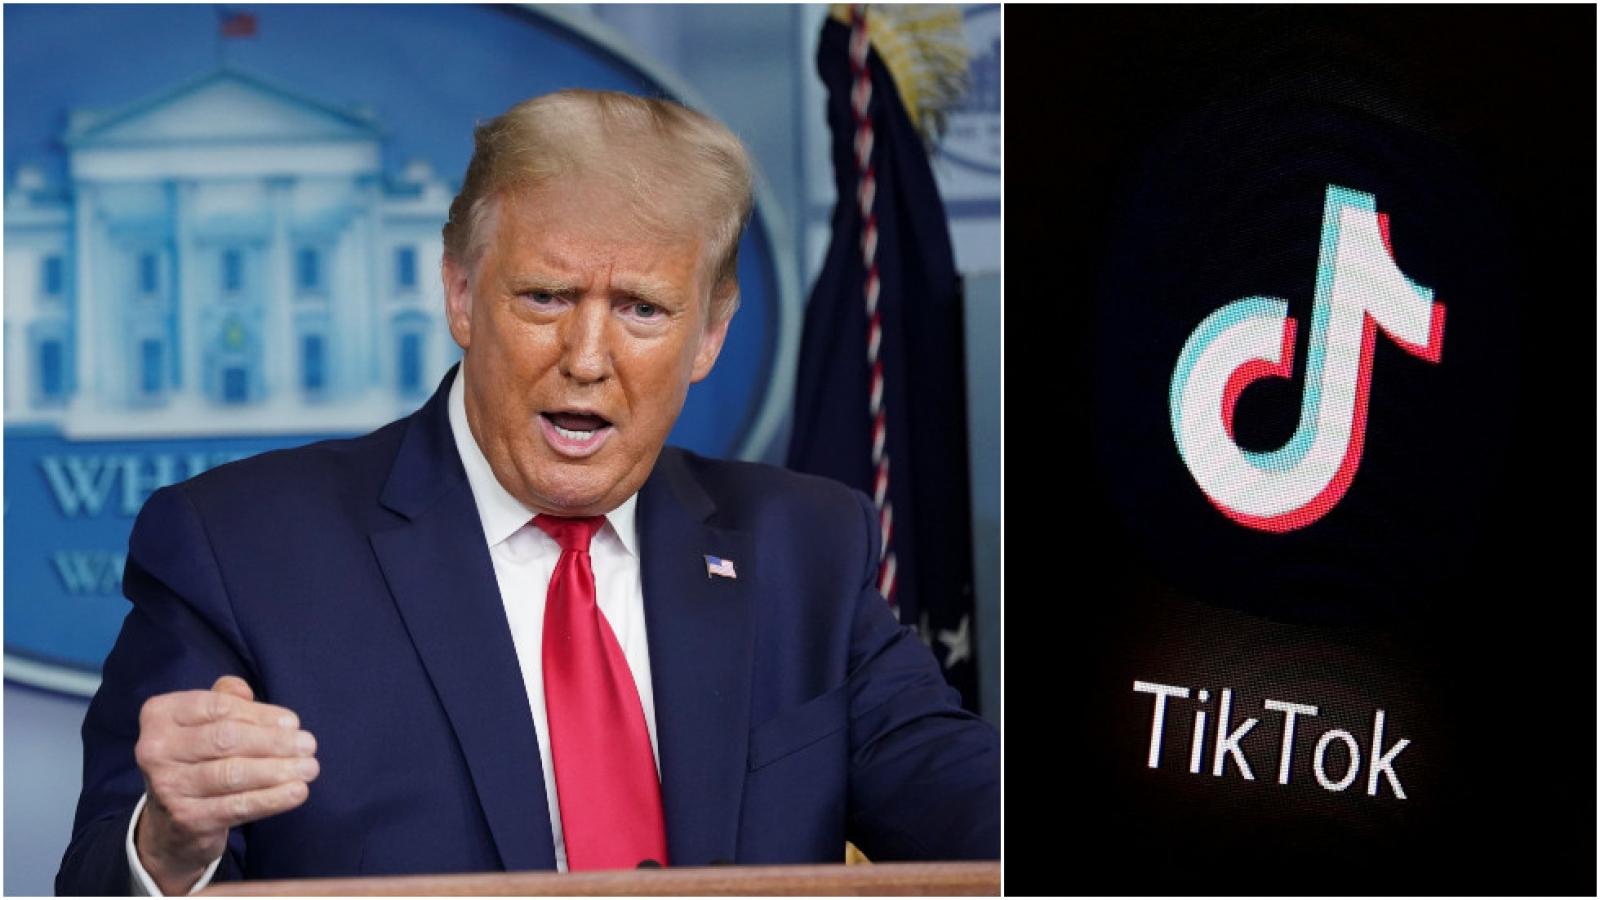 Hạn chót cận kề, Trump tuyên bố không gia hạn cho Tik Tok